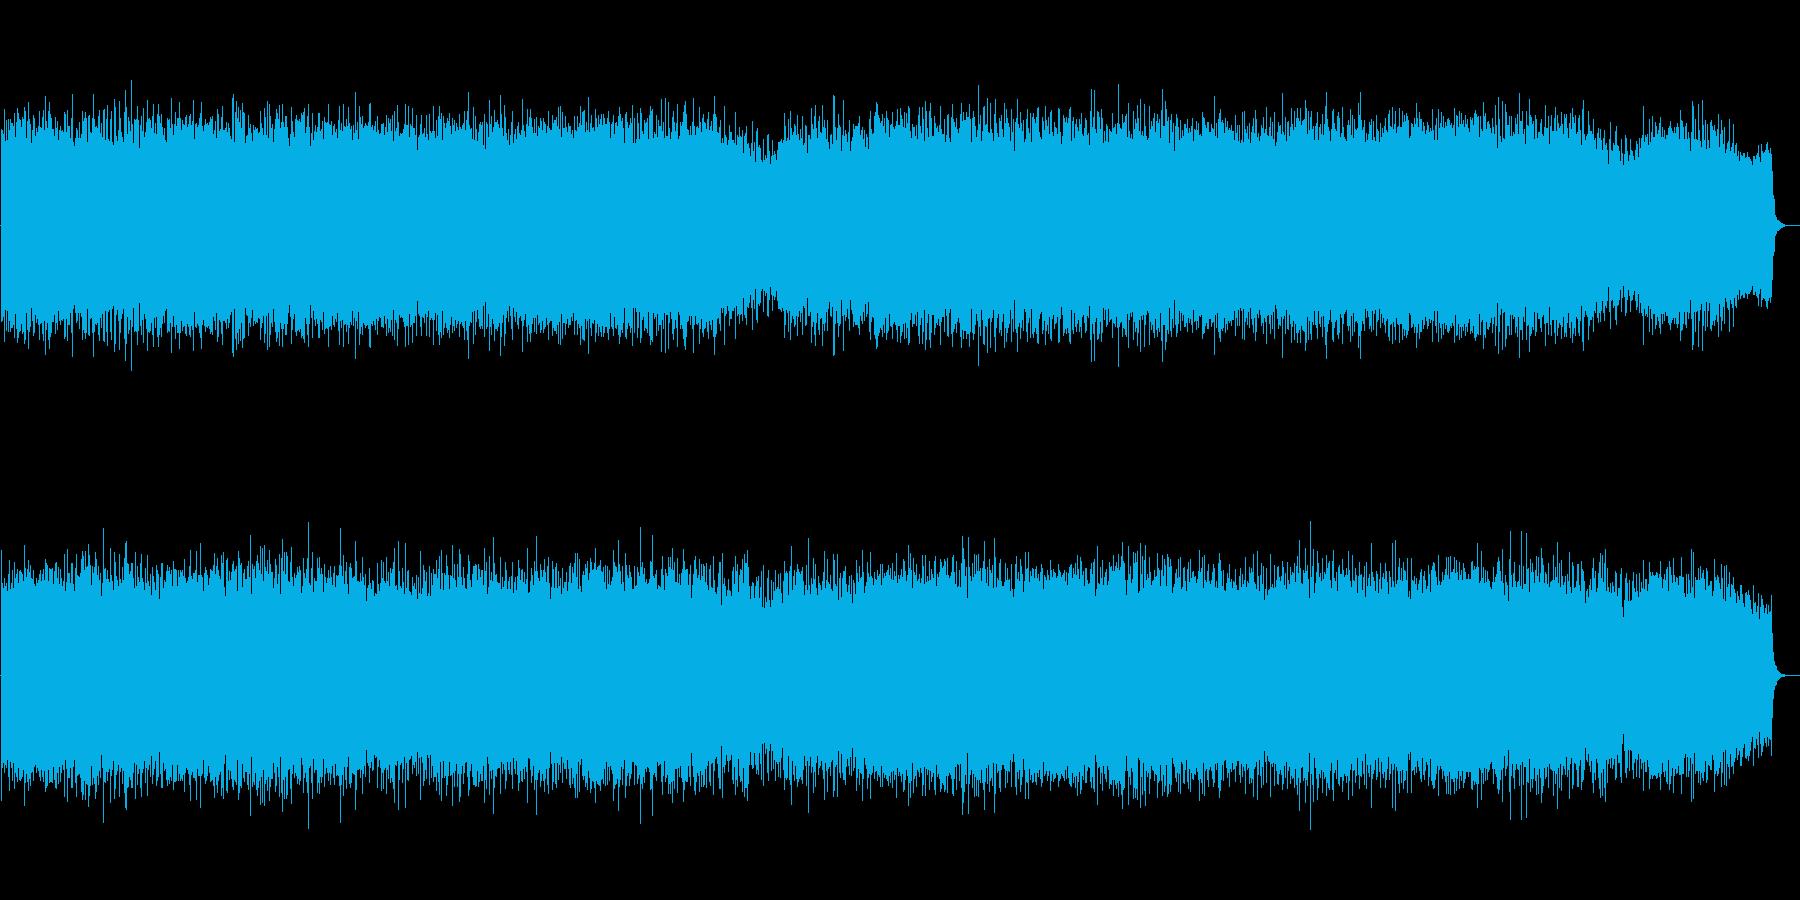 生演奏篠笛!かっこいい和風ロックバトル曲の再生済みの波形